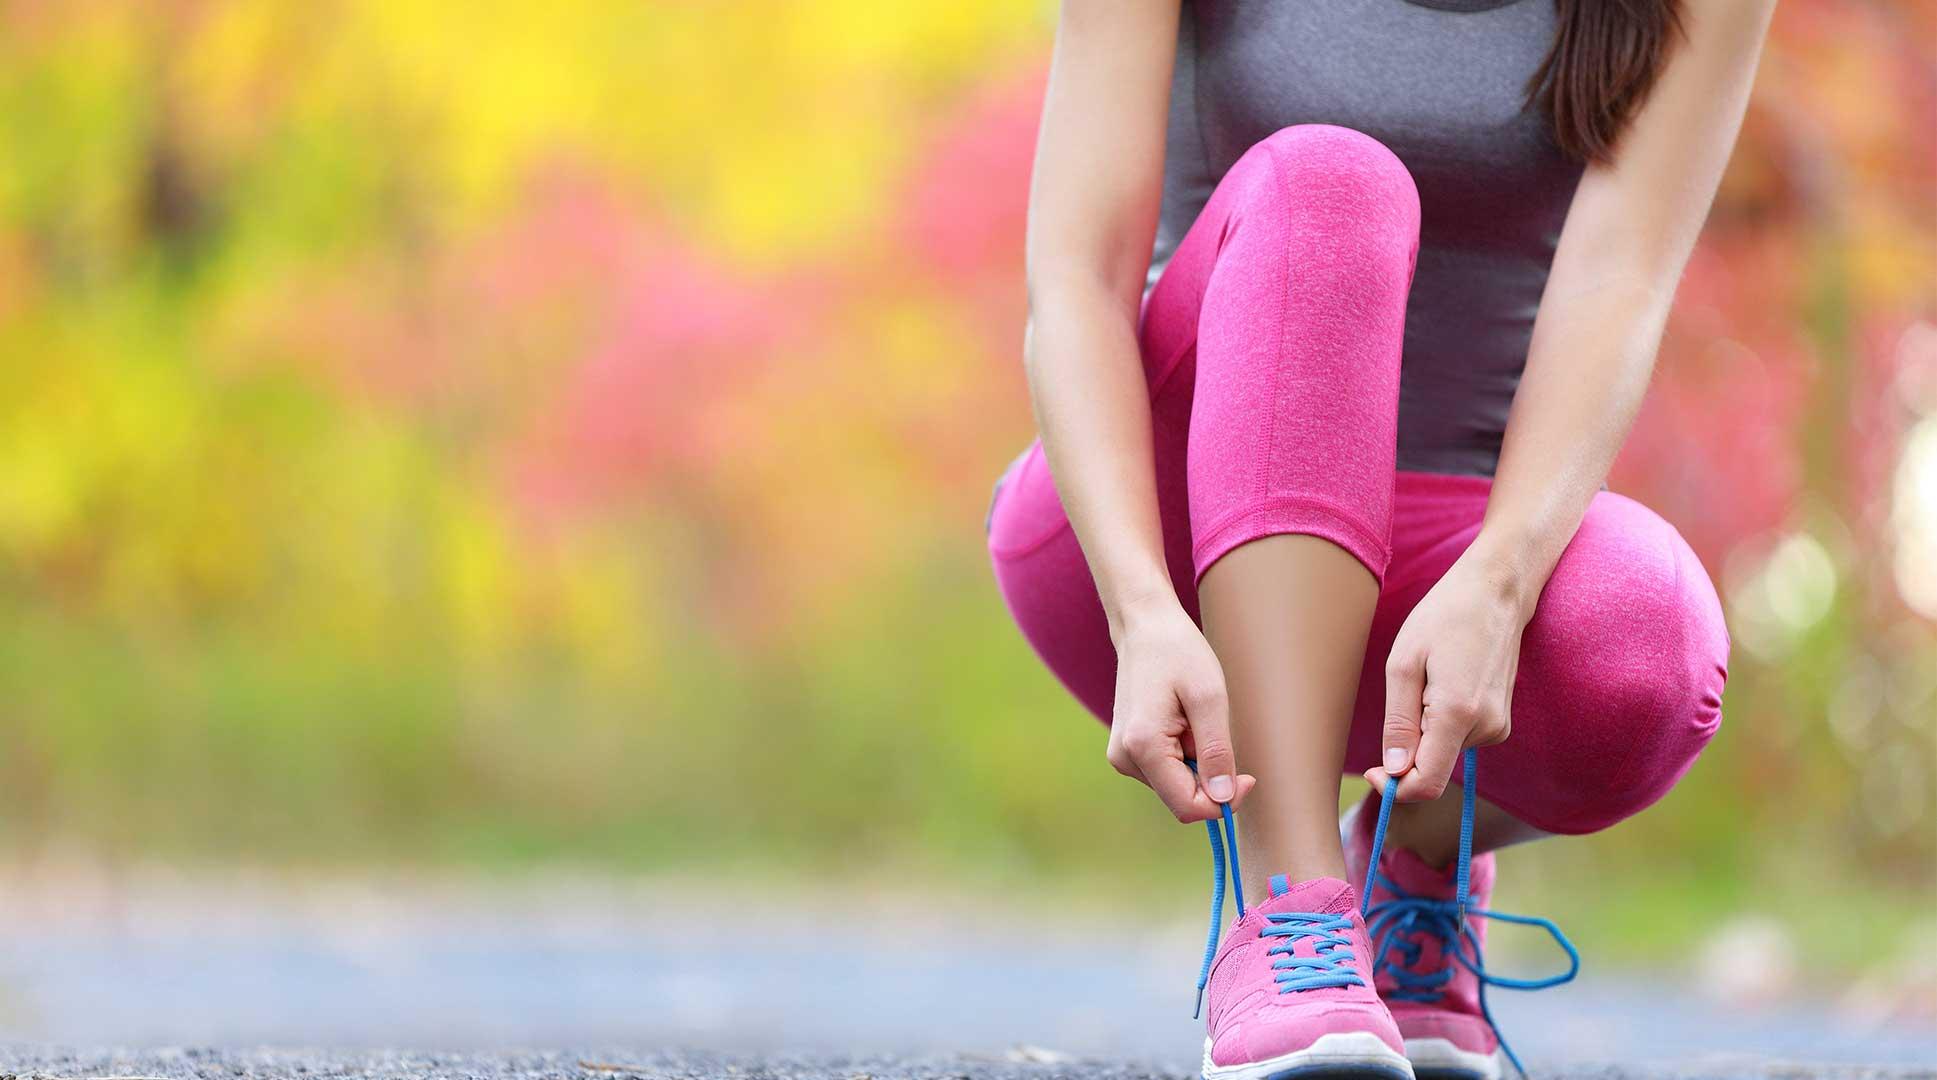 junge-frau-im-sportoutfit-bindet-schuhe-für-schrittwettbewerb